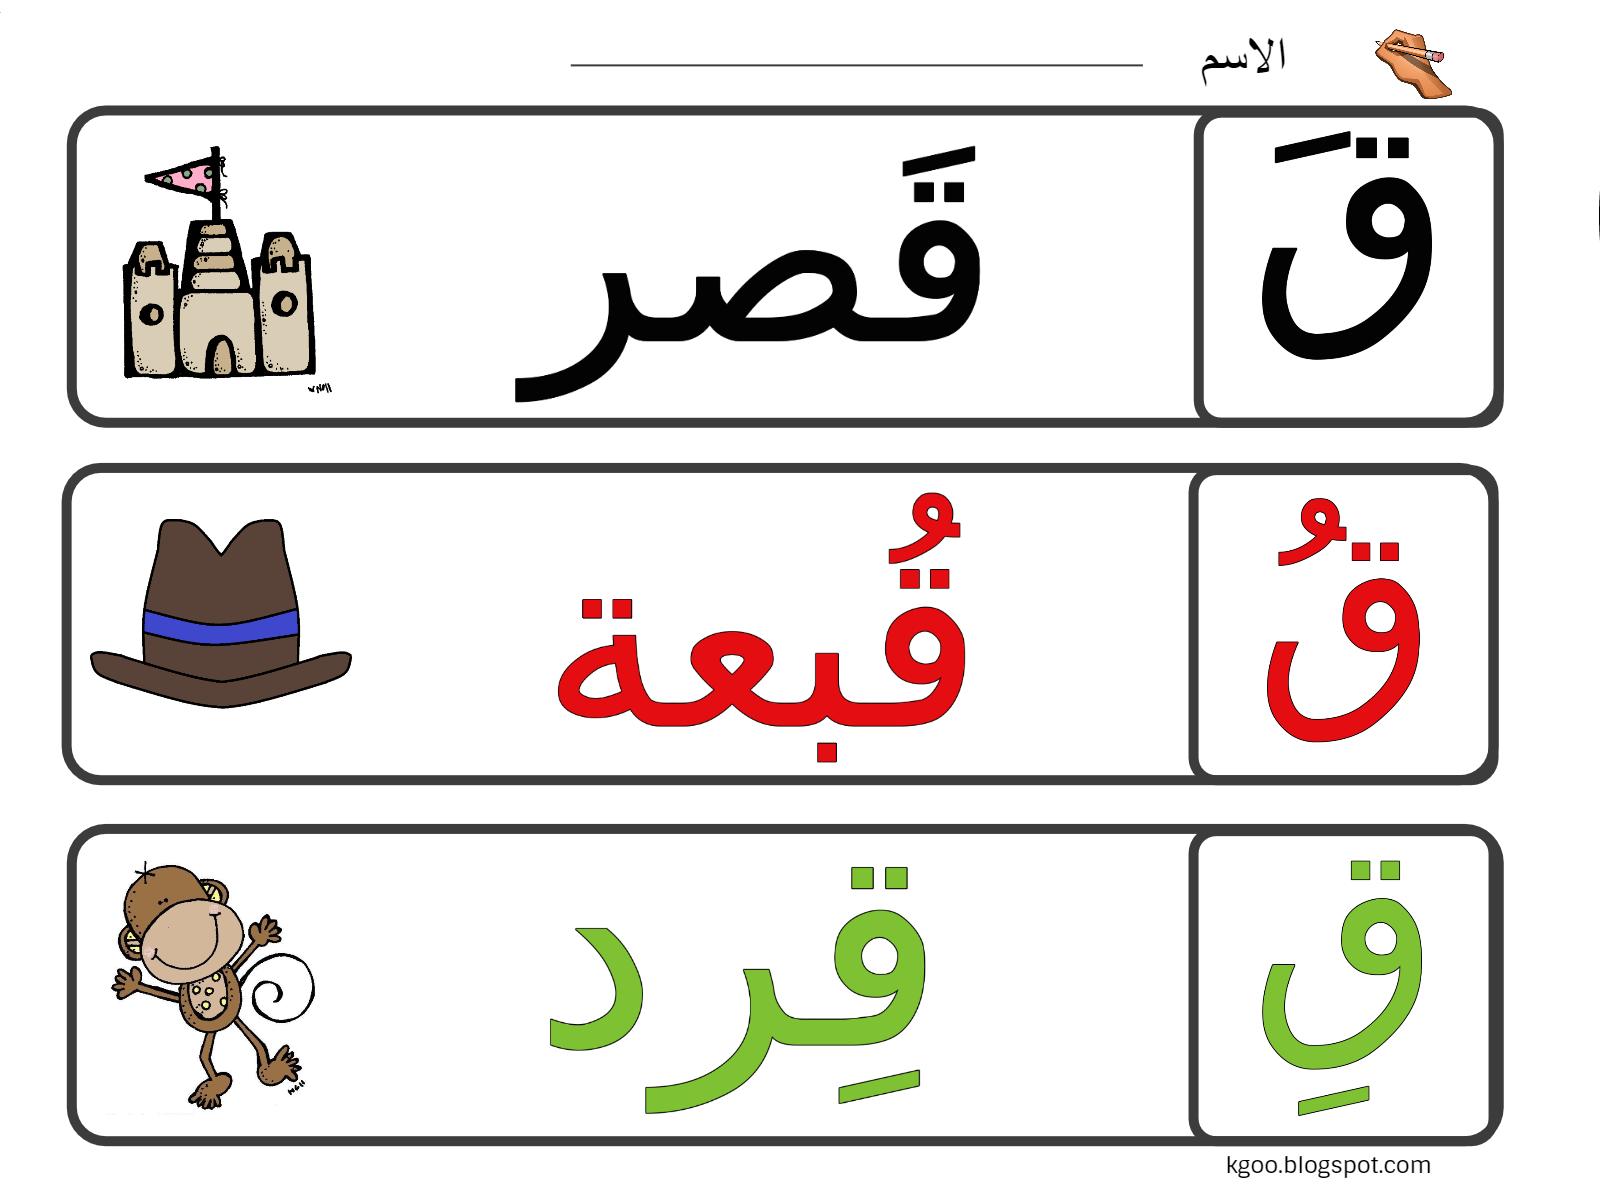 حرف القاف بالحركات ورقة عمل لرياض الاطفال مرحبا بكم اليوم مع نشاط حرف القاف للاطفال شاهد تحضير Arabic Alphabet For Kids Arabic Resources Learning Arabic